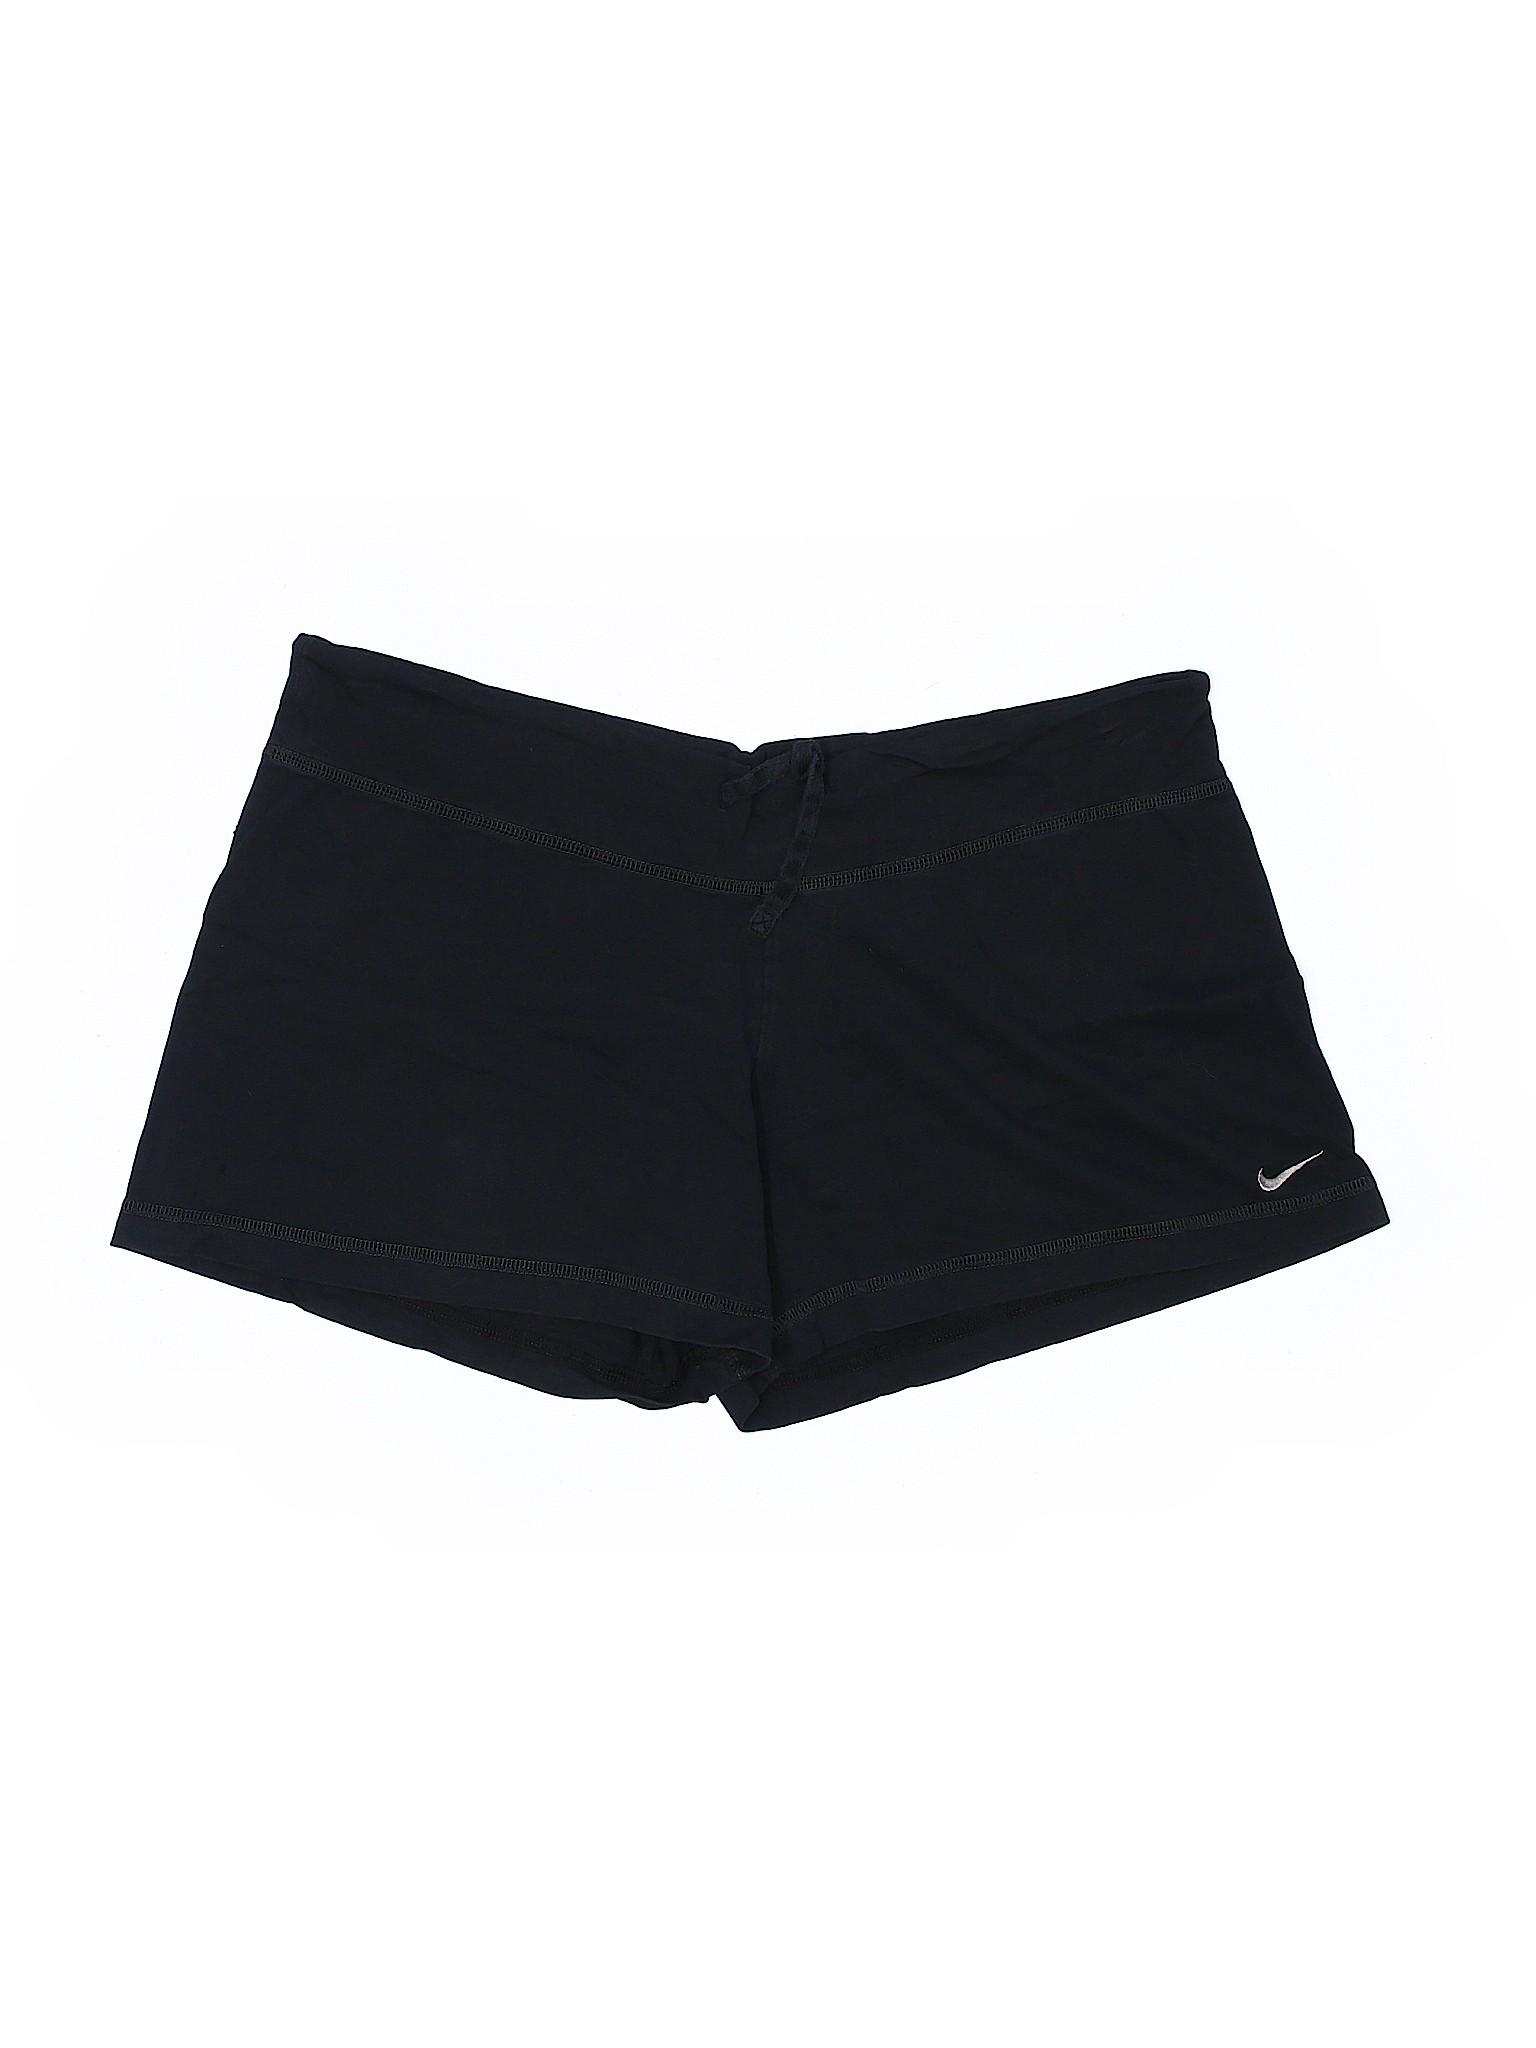 Leisure winter Nike winter Nike Shorts Leisure UEwqvxF